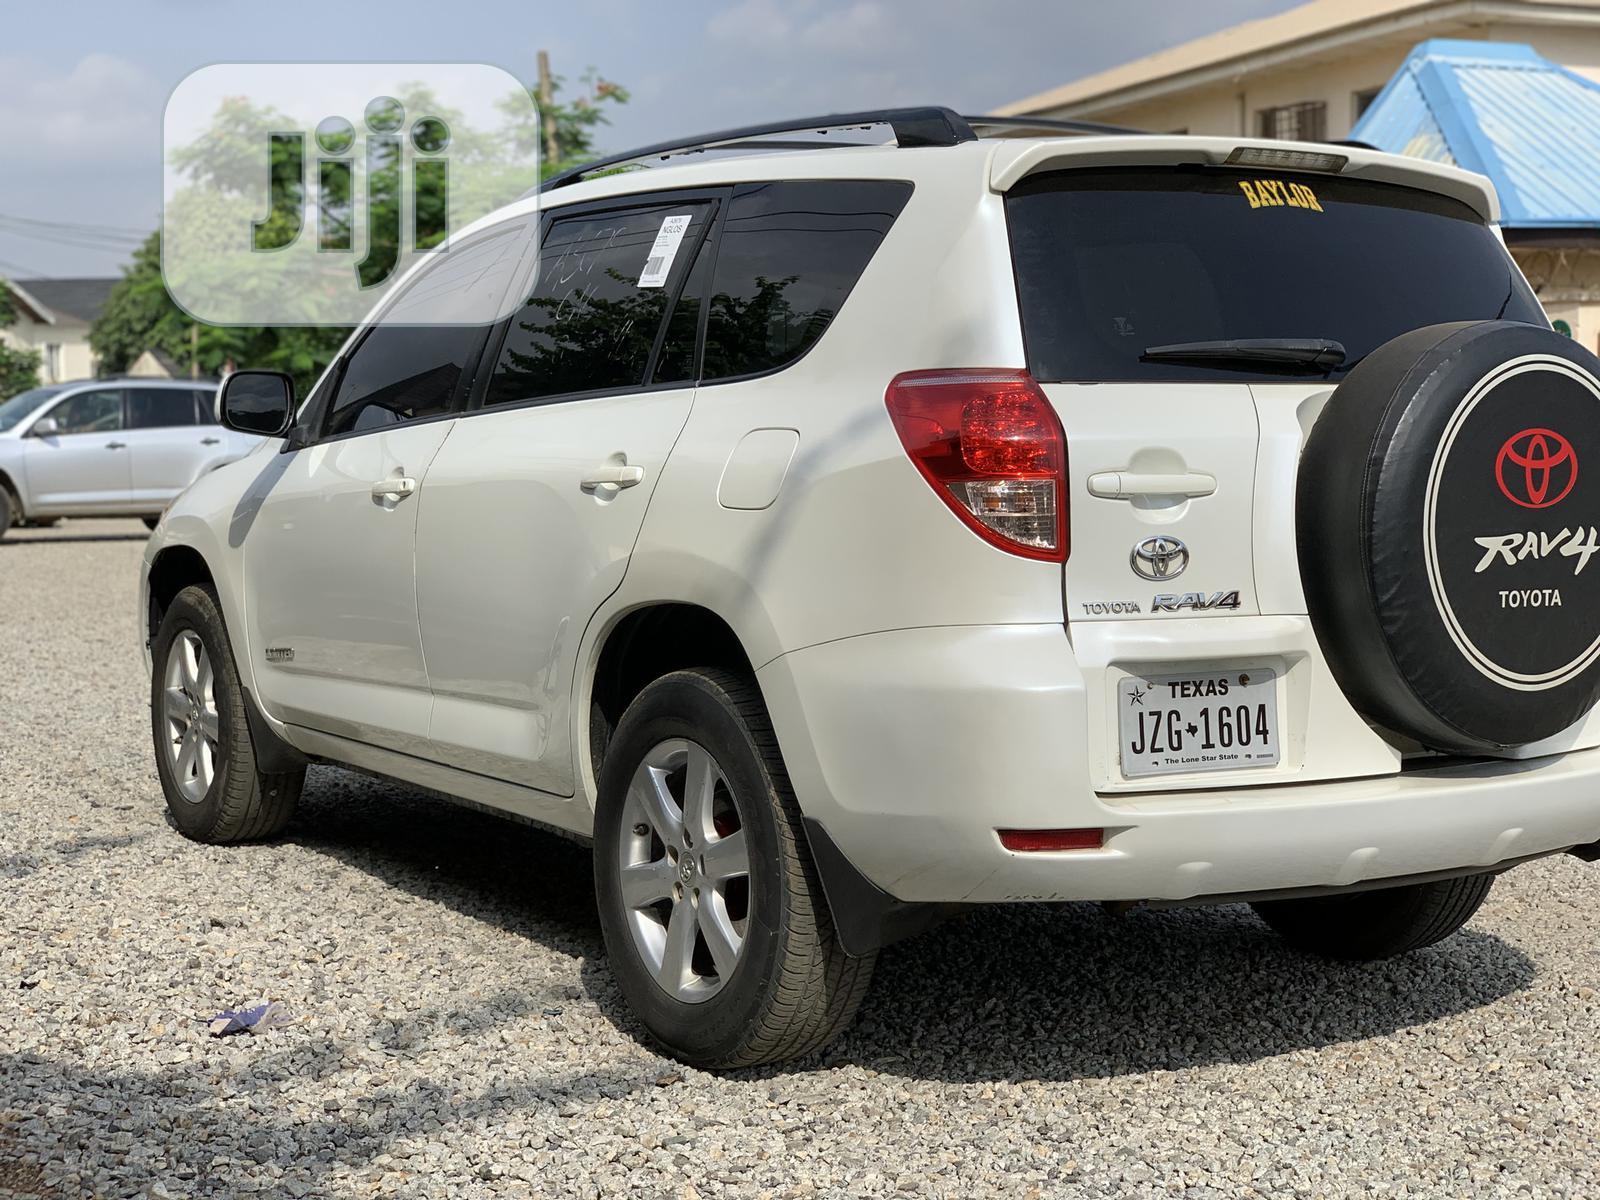 Archive: Toyota RAV4 2008 Limited V6 White